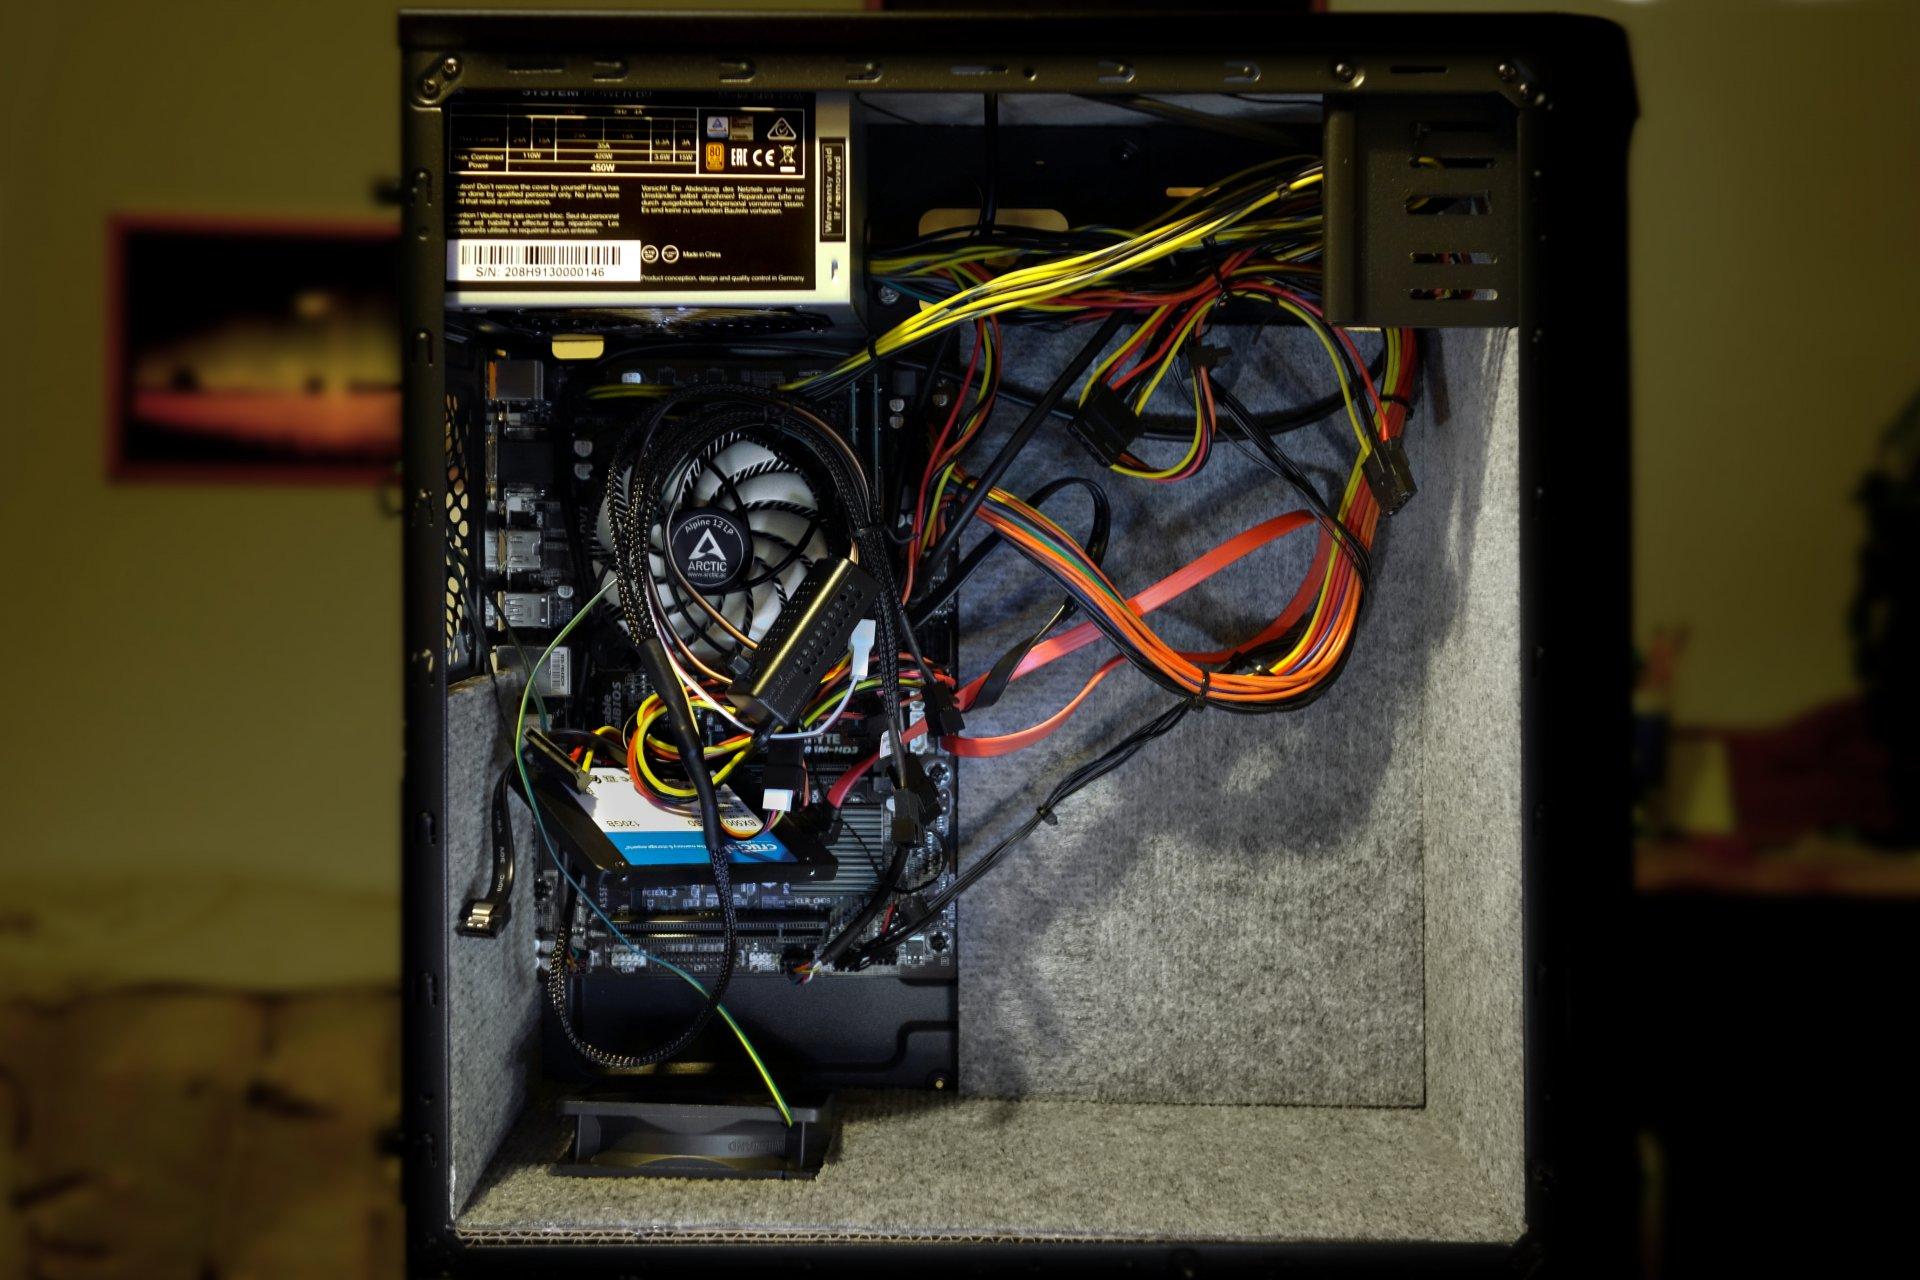 DSC00202 X-treme silent SSD-PC .jpg